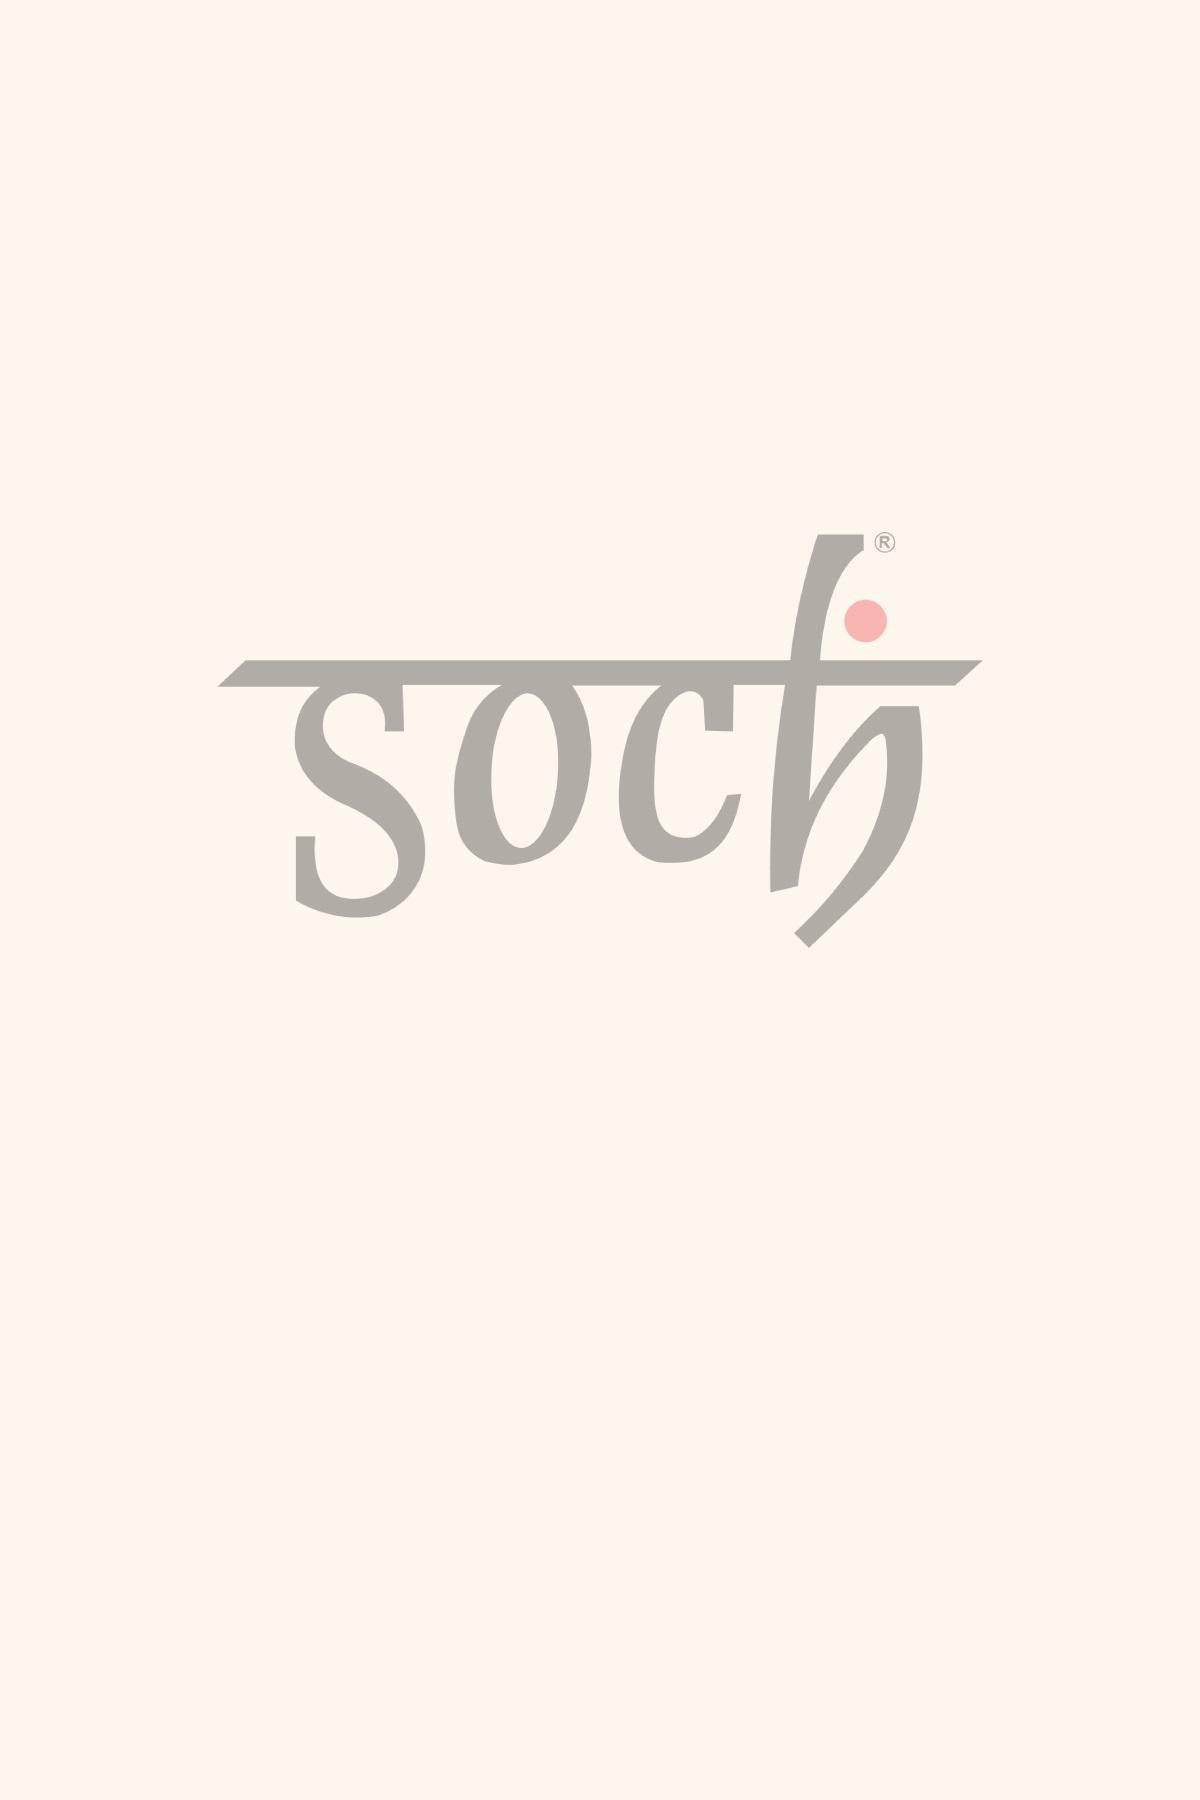 fdf17c20ee ... Soch Navy Blue Crepe Skirt - 6728-NAVY BLUE. 50% off